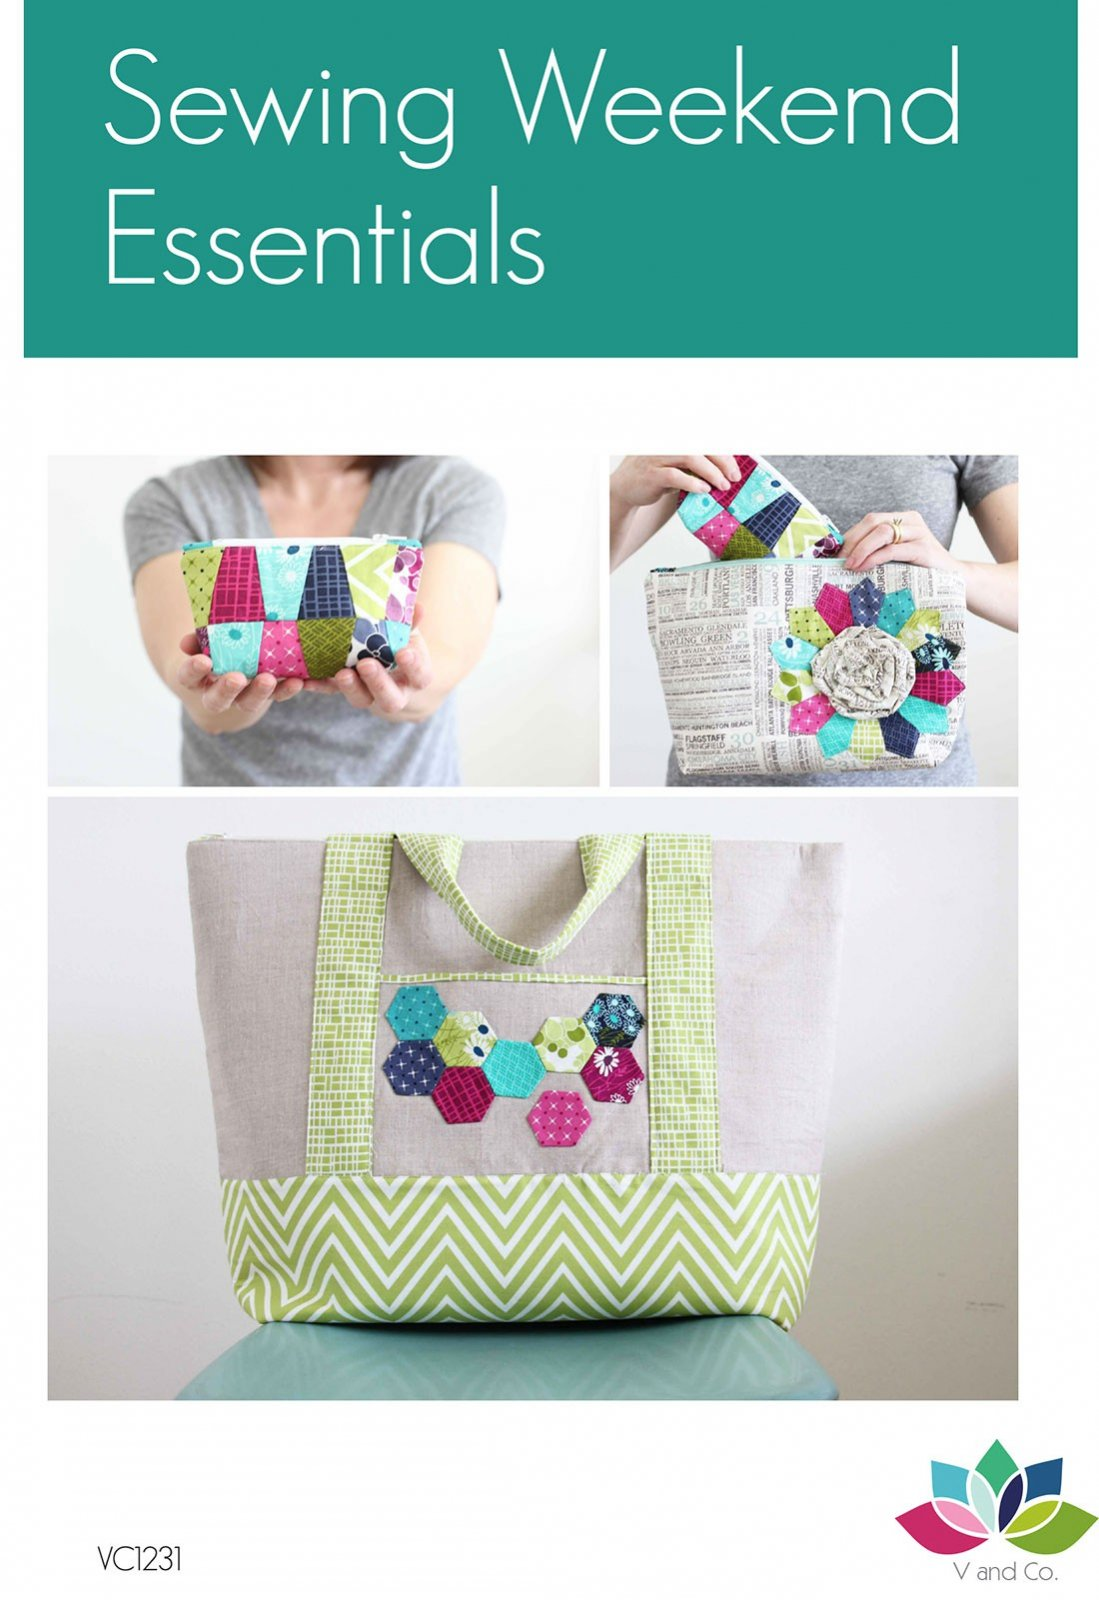 Sewing Weekend Essentials Bags